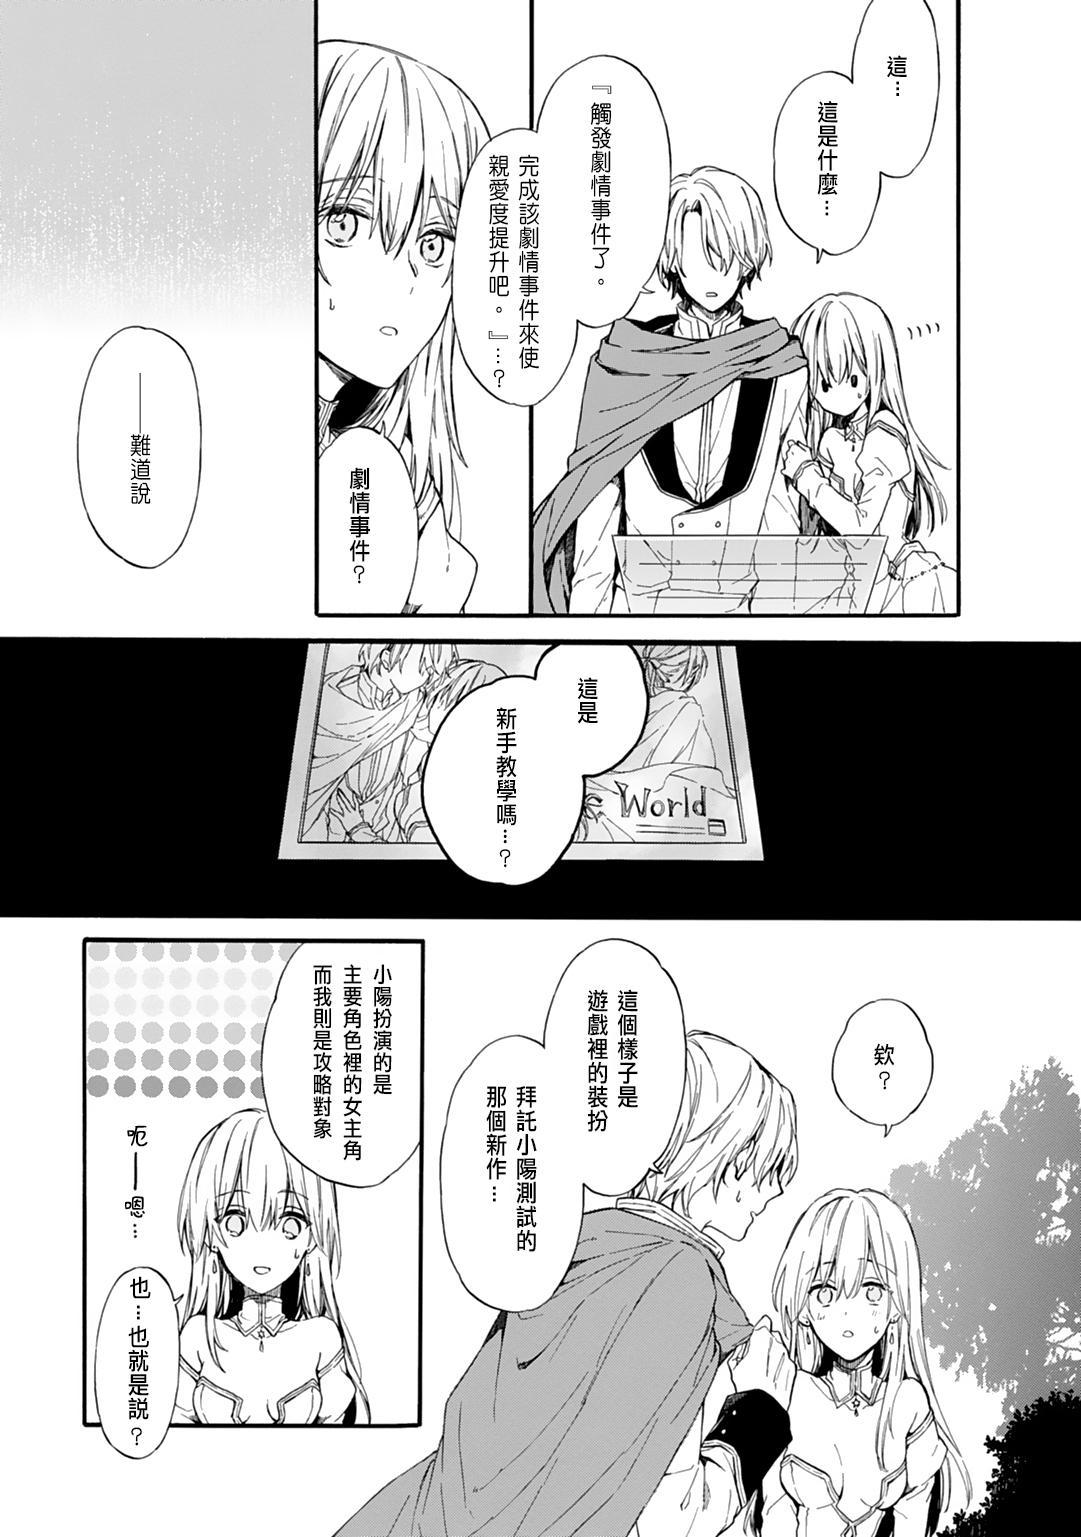 [Suzushiro Nerita] Otomege (18-kin) de Nyotaika shita Ore wa ~Clear Jouken wa Dekiai Ecchi!?~ 1-3 [Chinese] 12